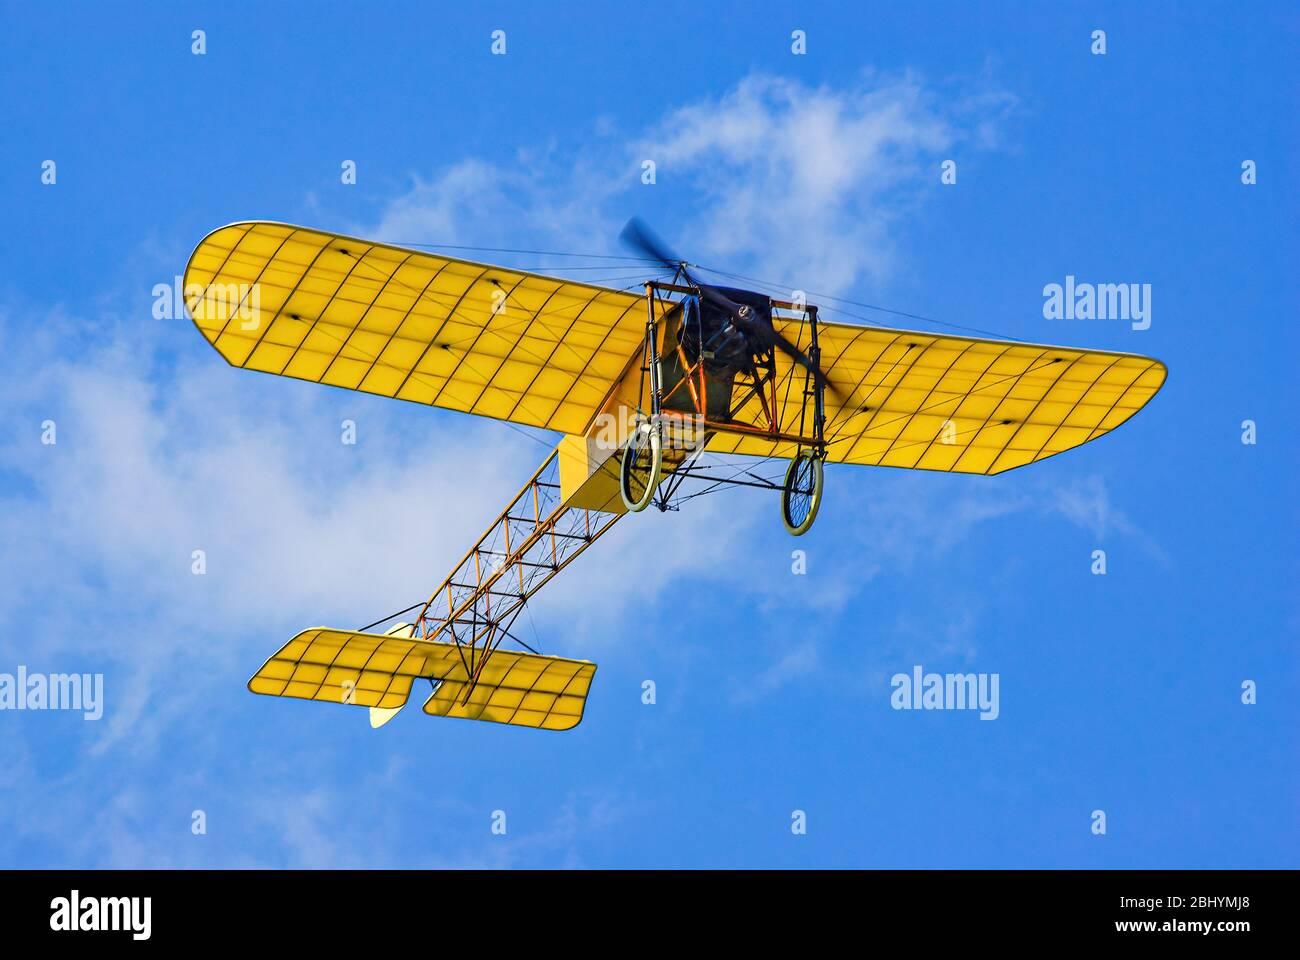 Überflug eines Vintage-Flugzeugs, eine Nachbildung des Bleriot XI. Stockfoto